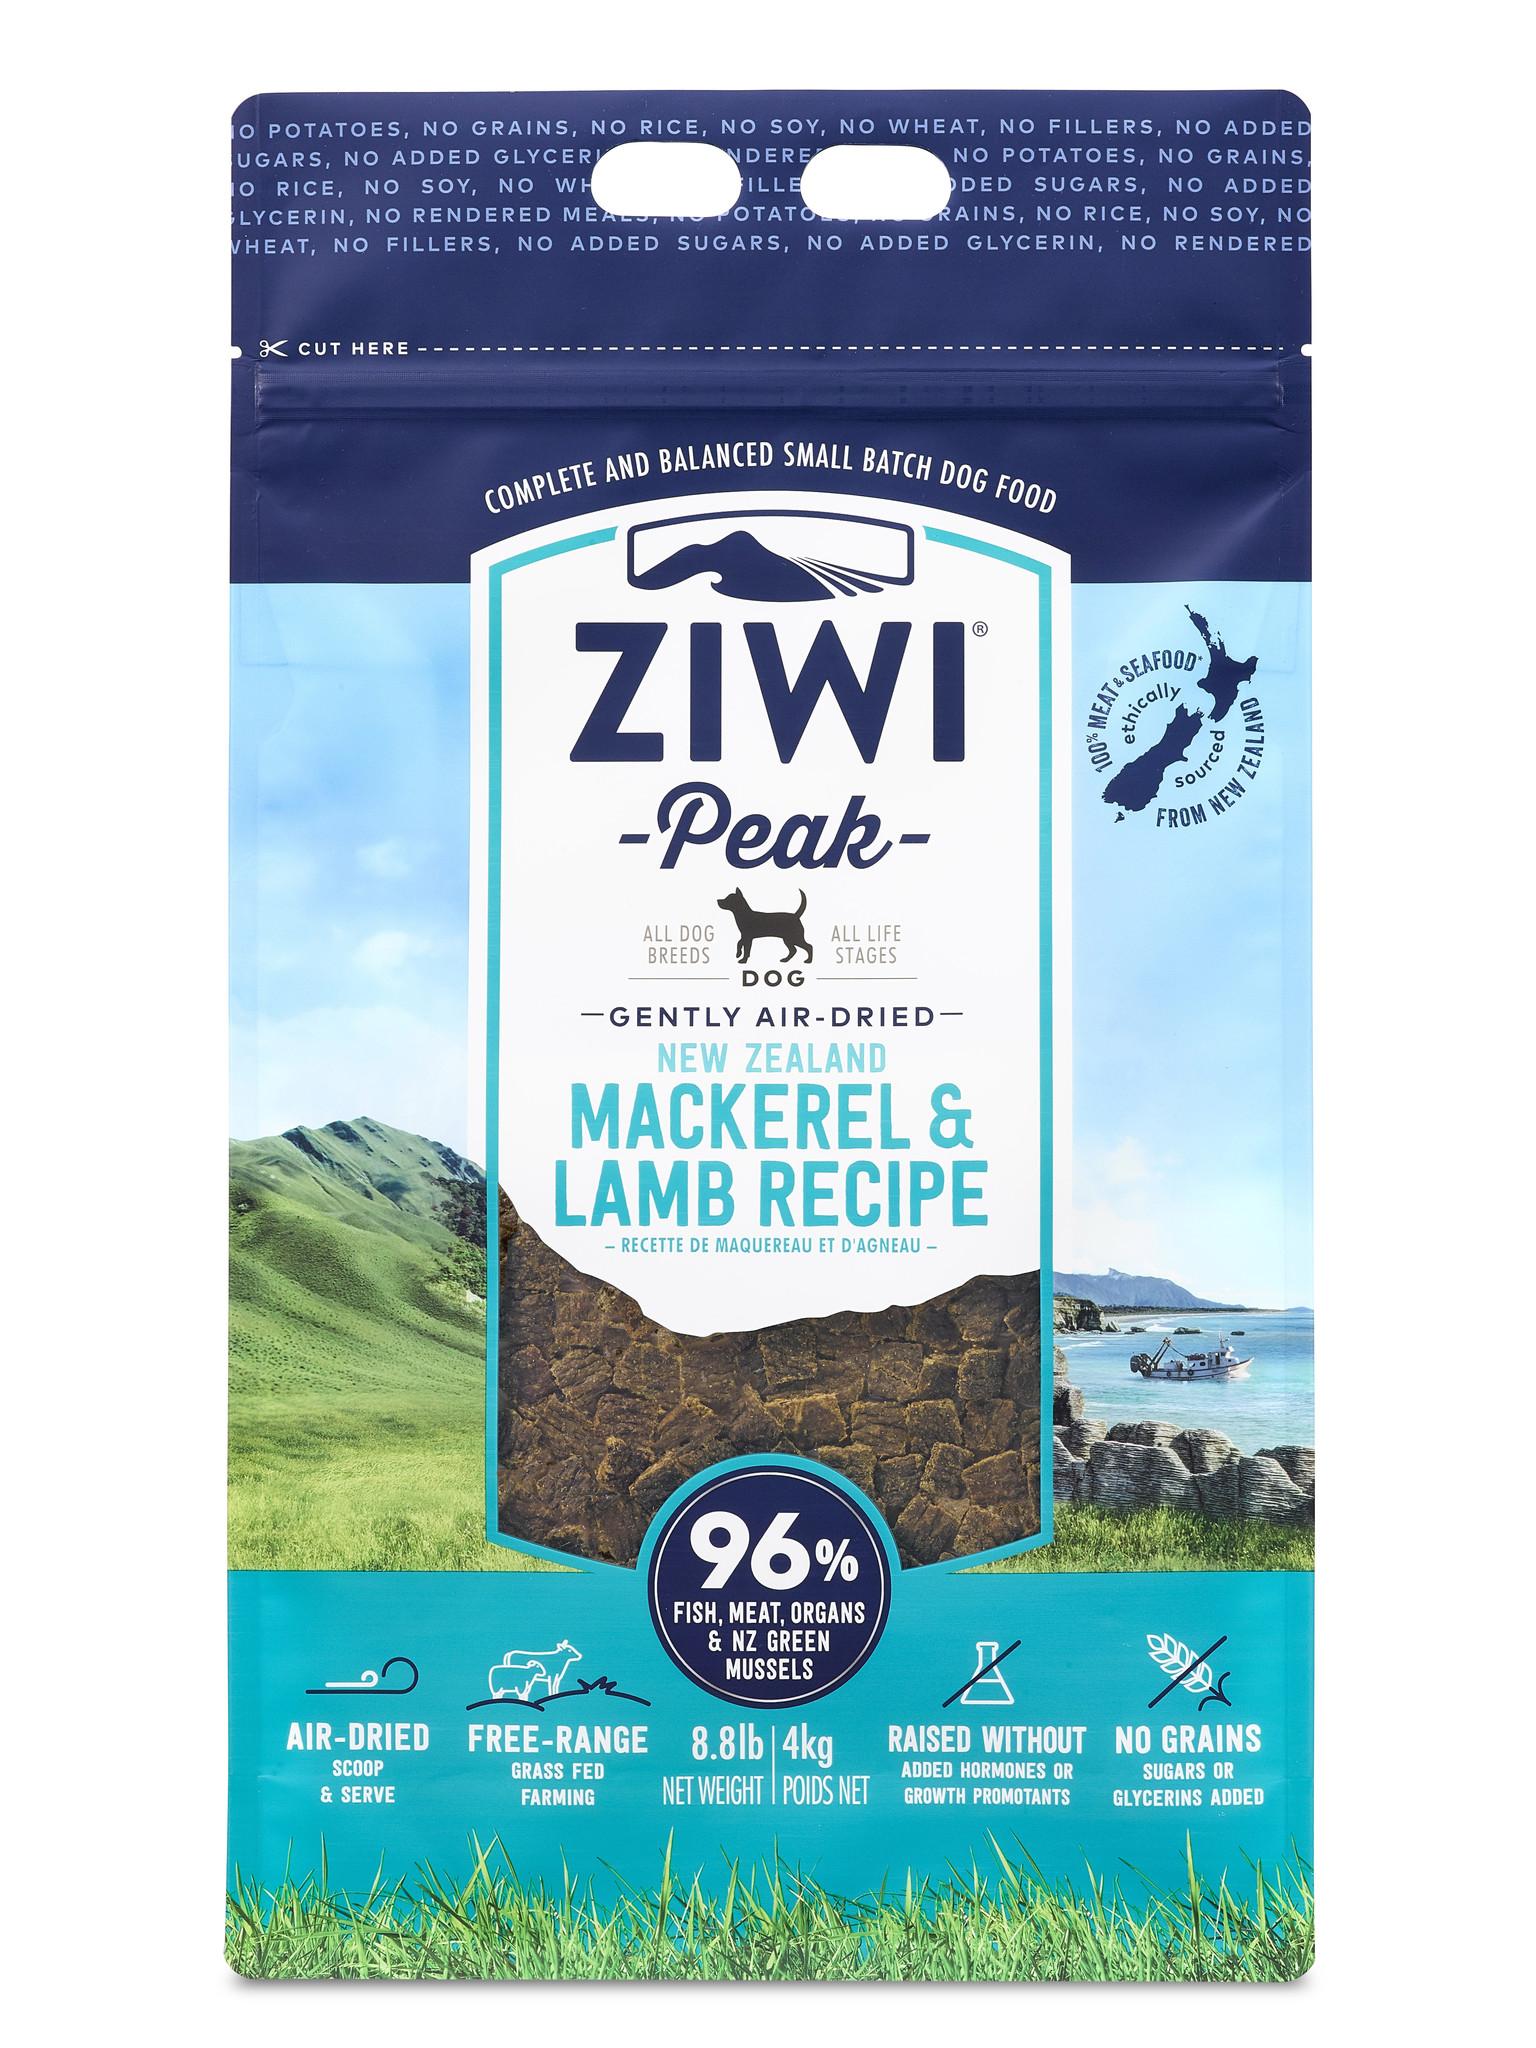 Ziwipeak Mackerel & Lamb